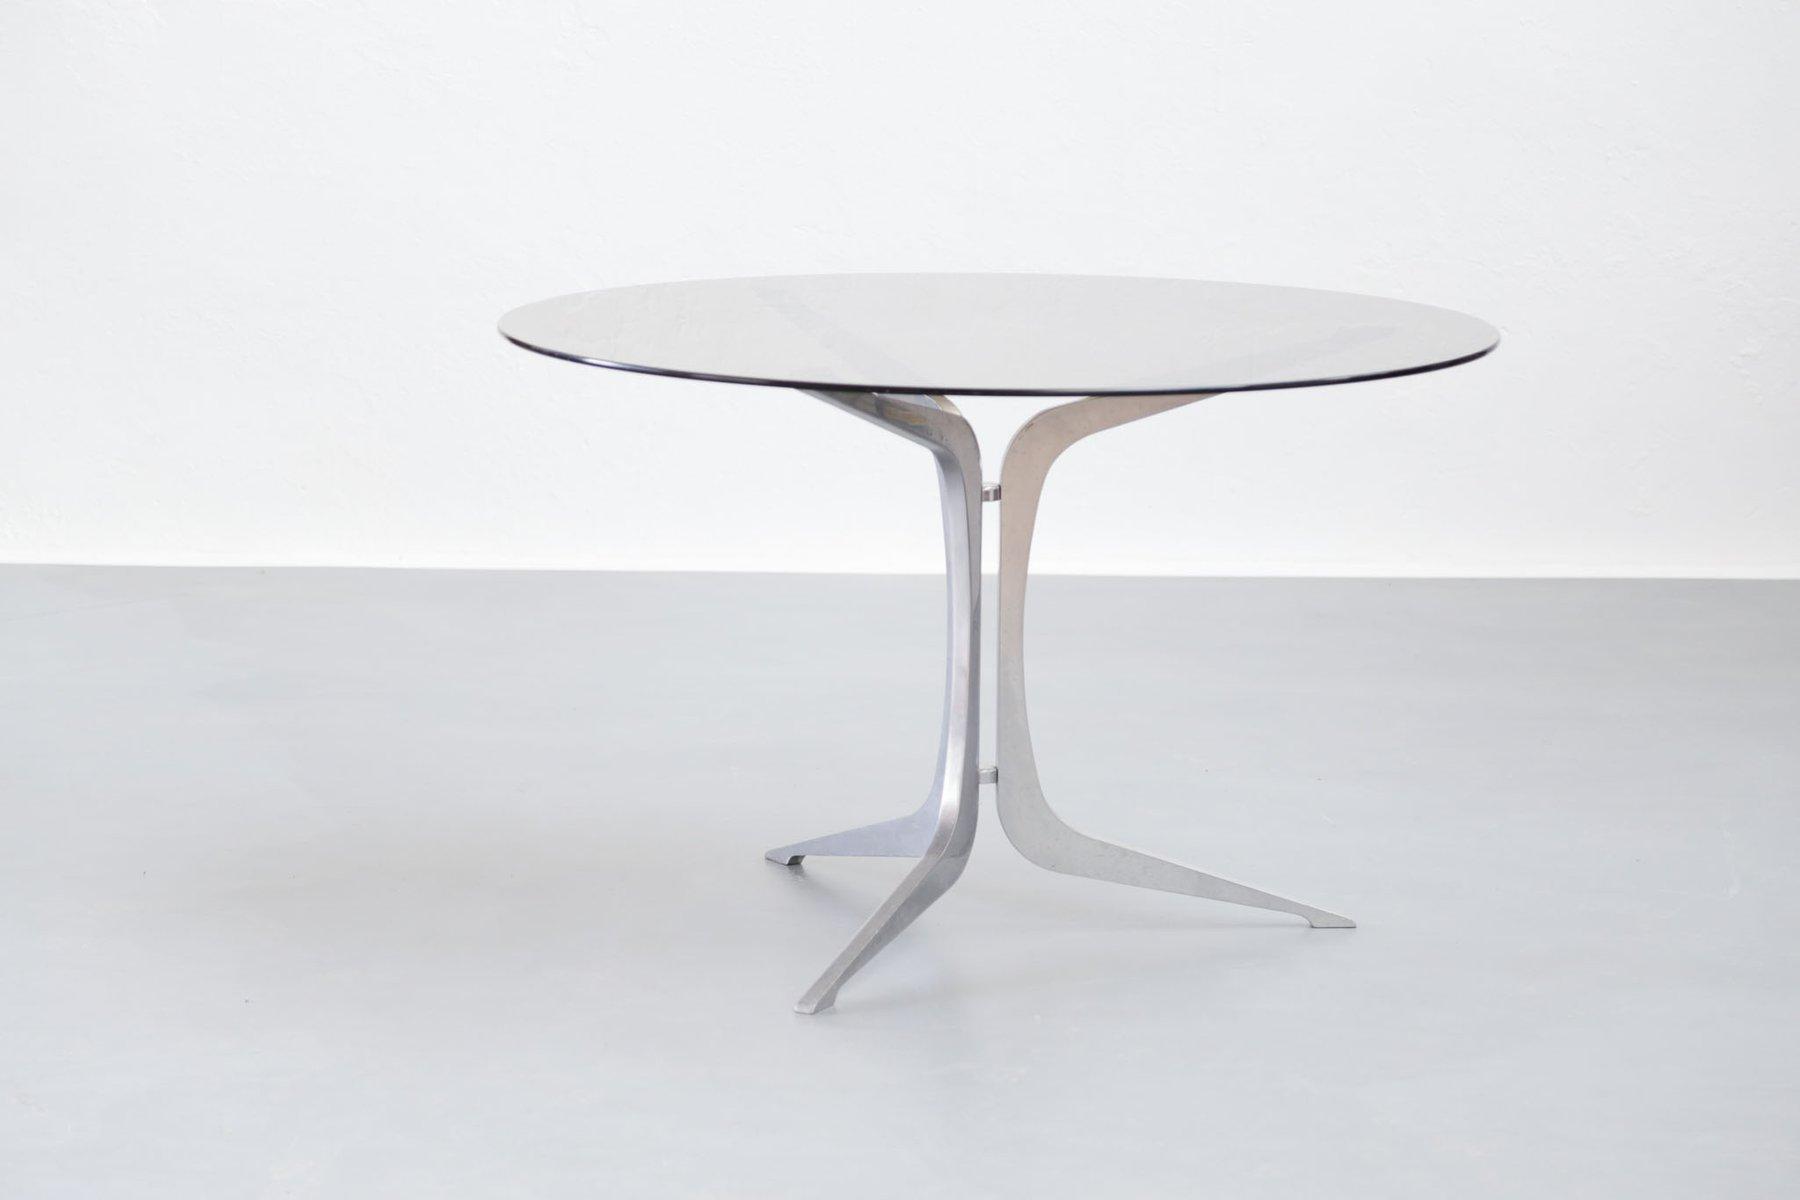 franz sischer tisch aus metall mit glasplatte 1960er bei pamono kaufen. Black Bedroom Furniture Sets. Home Design Ideas